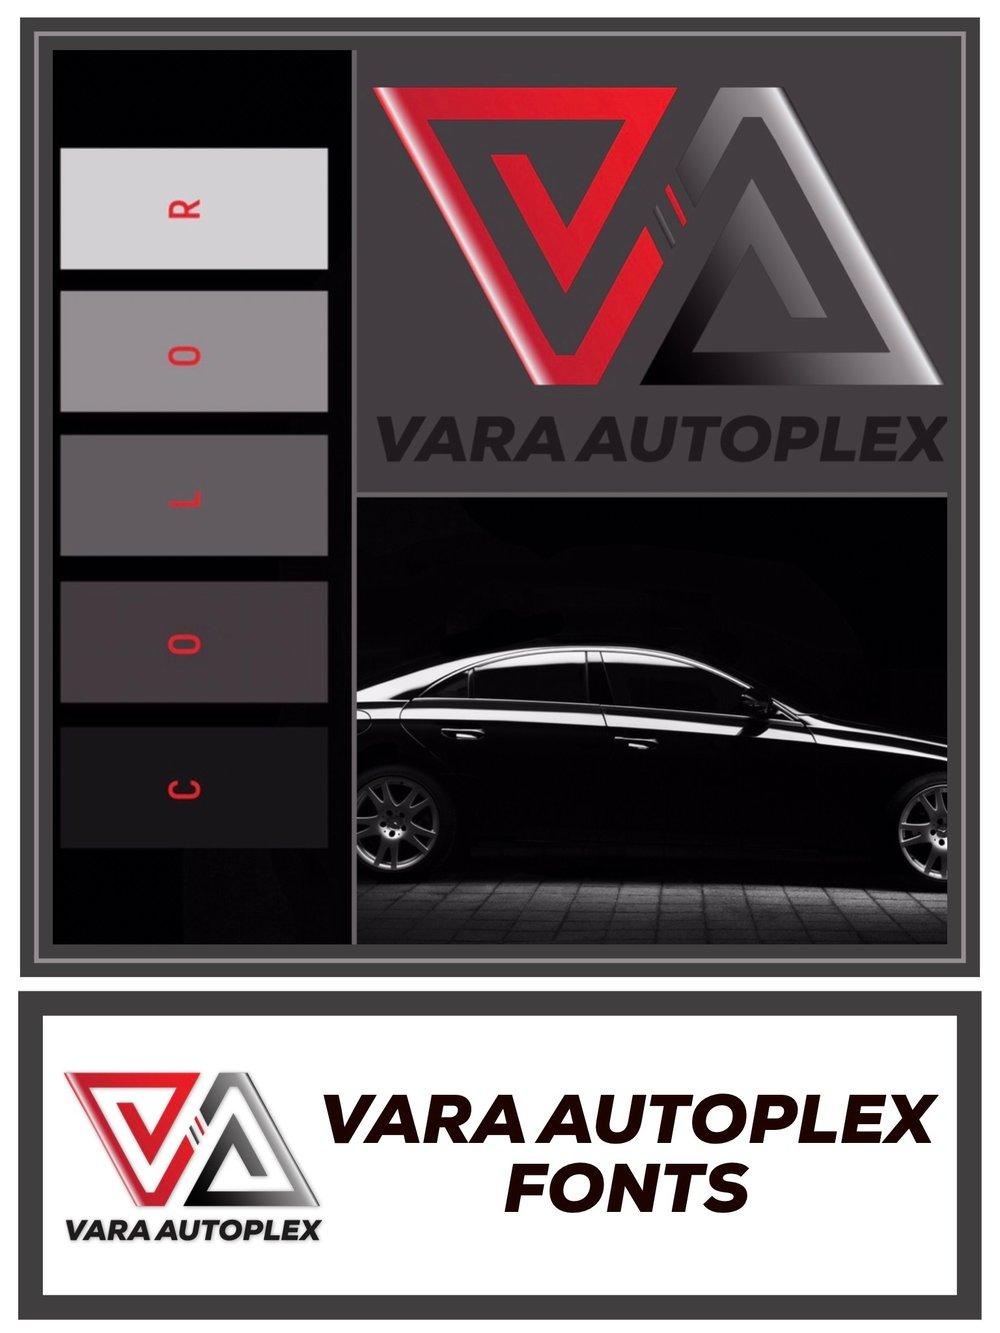 VARA-AUTOPLEX_LOGO.jpeg